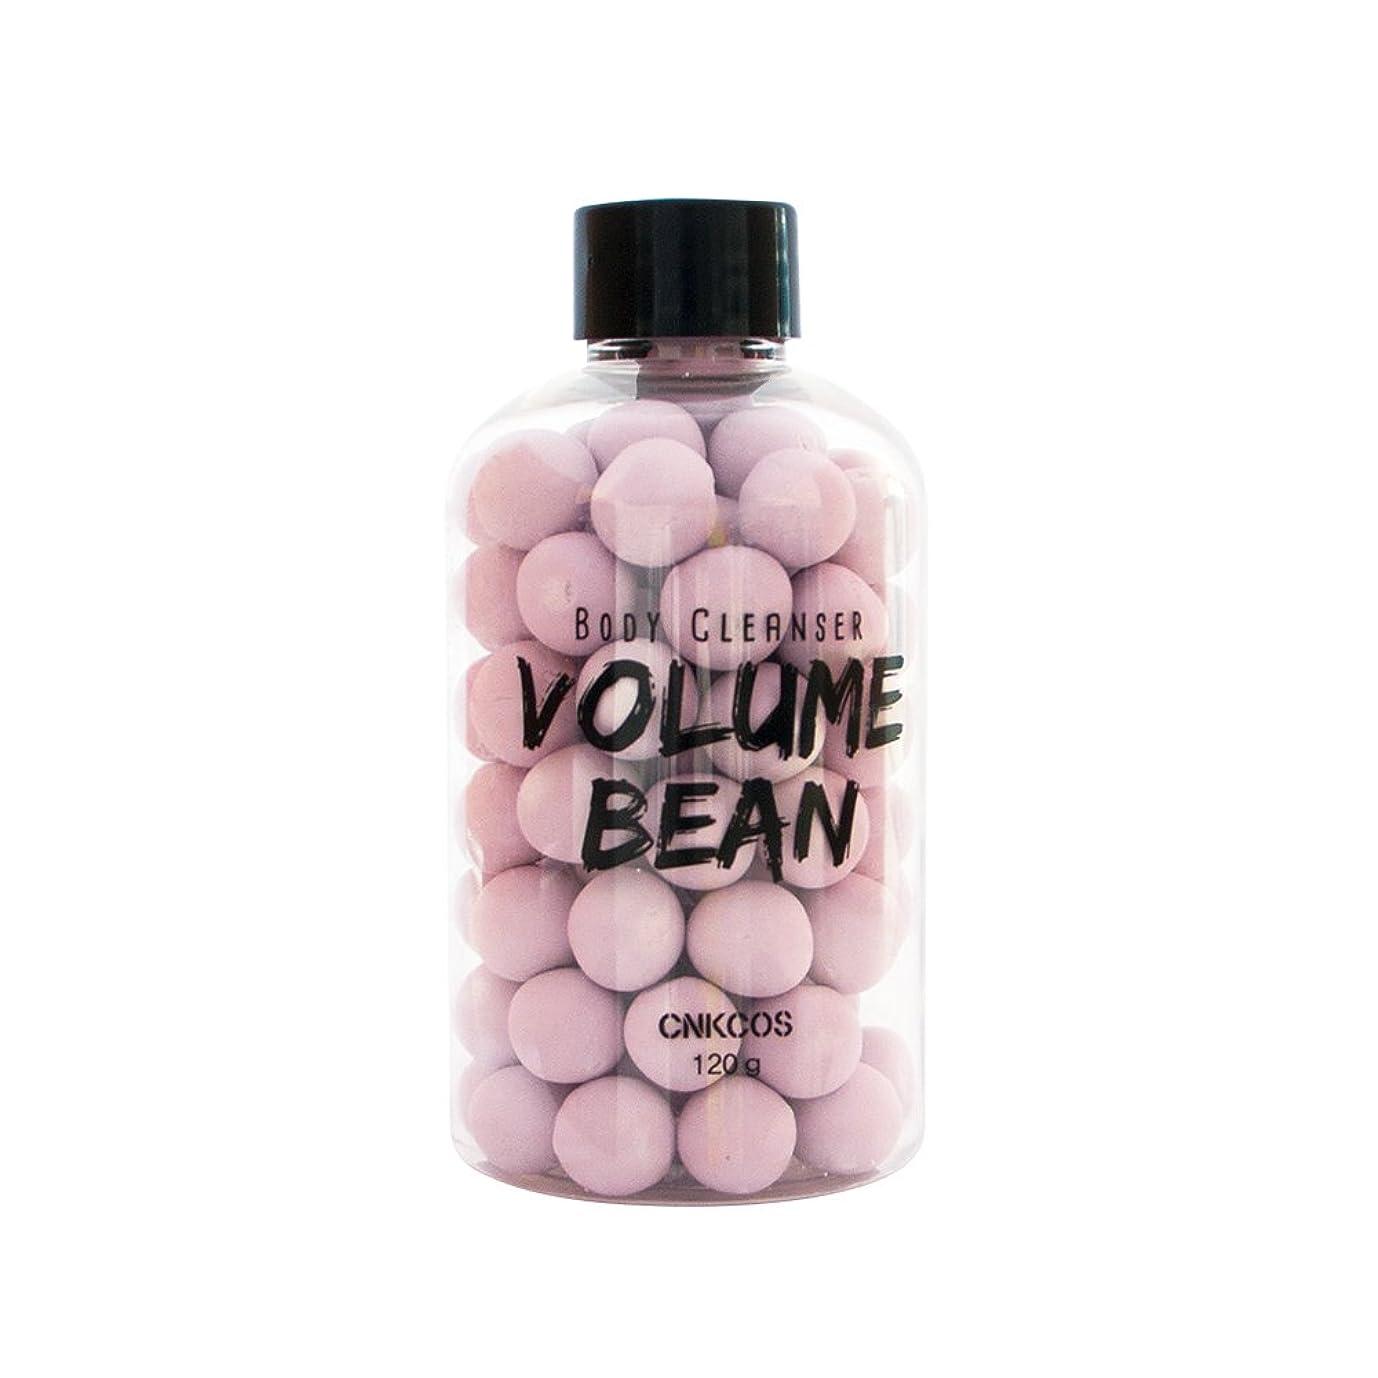 ボリュームビーン Volume Bean 120g